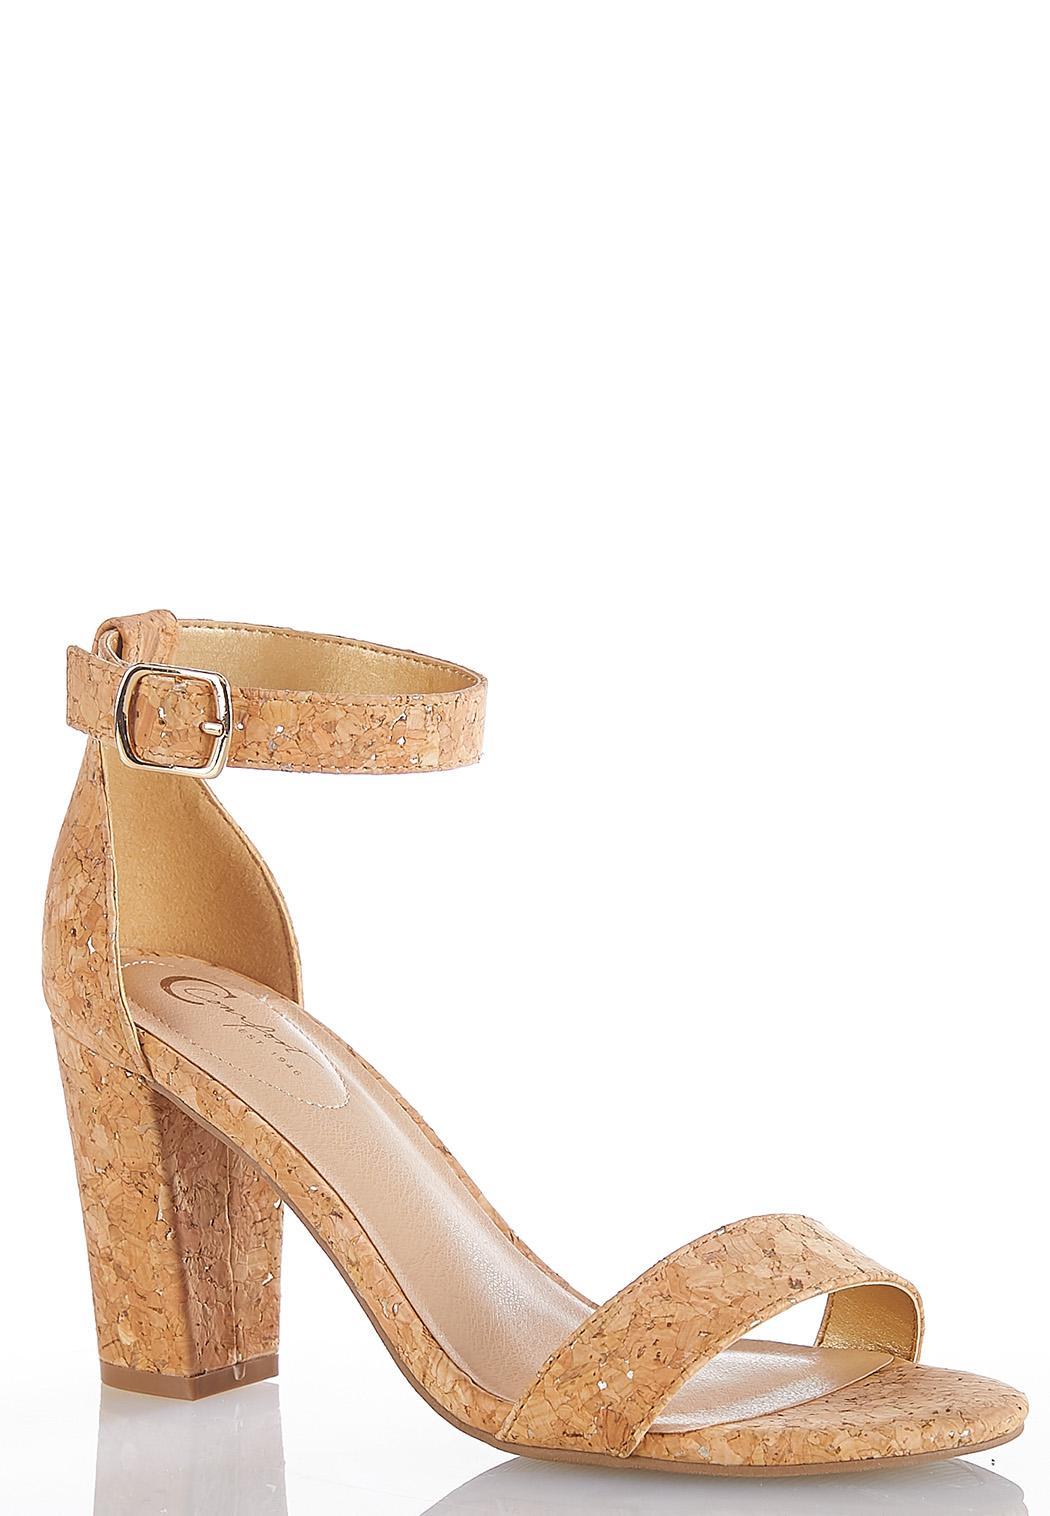 5e1cbfffc687 Women s Sandals